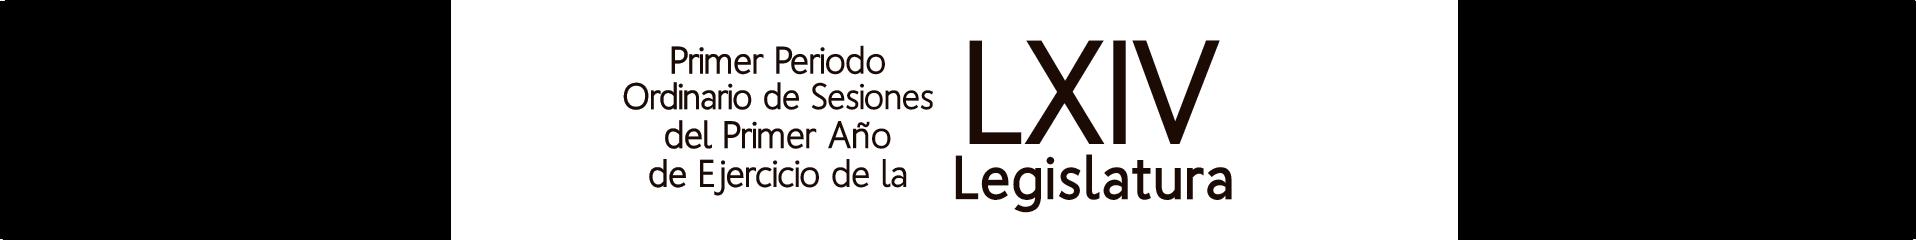 Sigue los trabajos legislativos por el Canal del Congreso